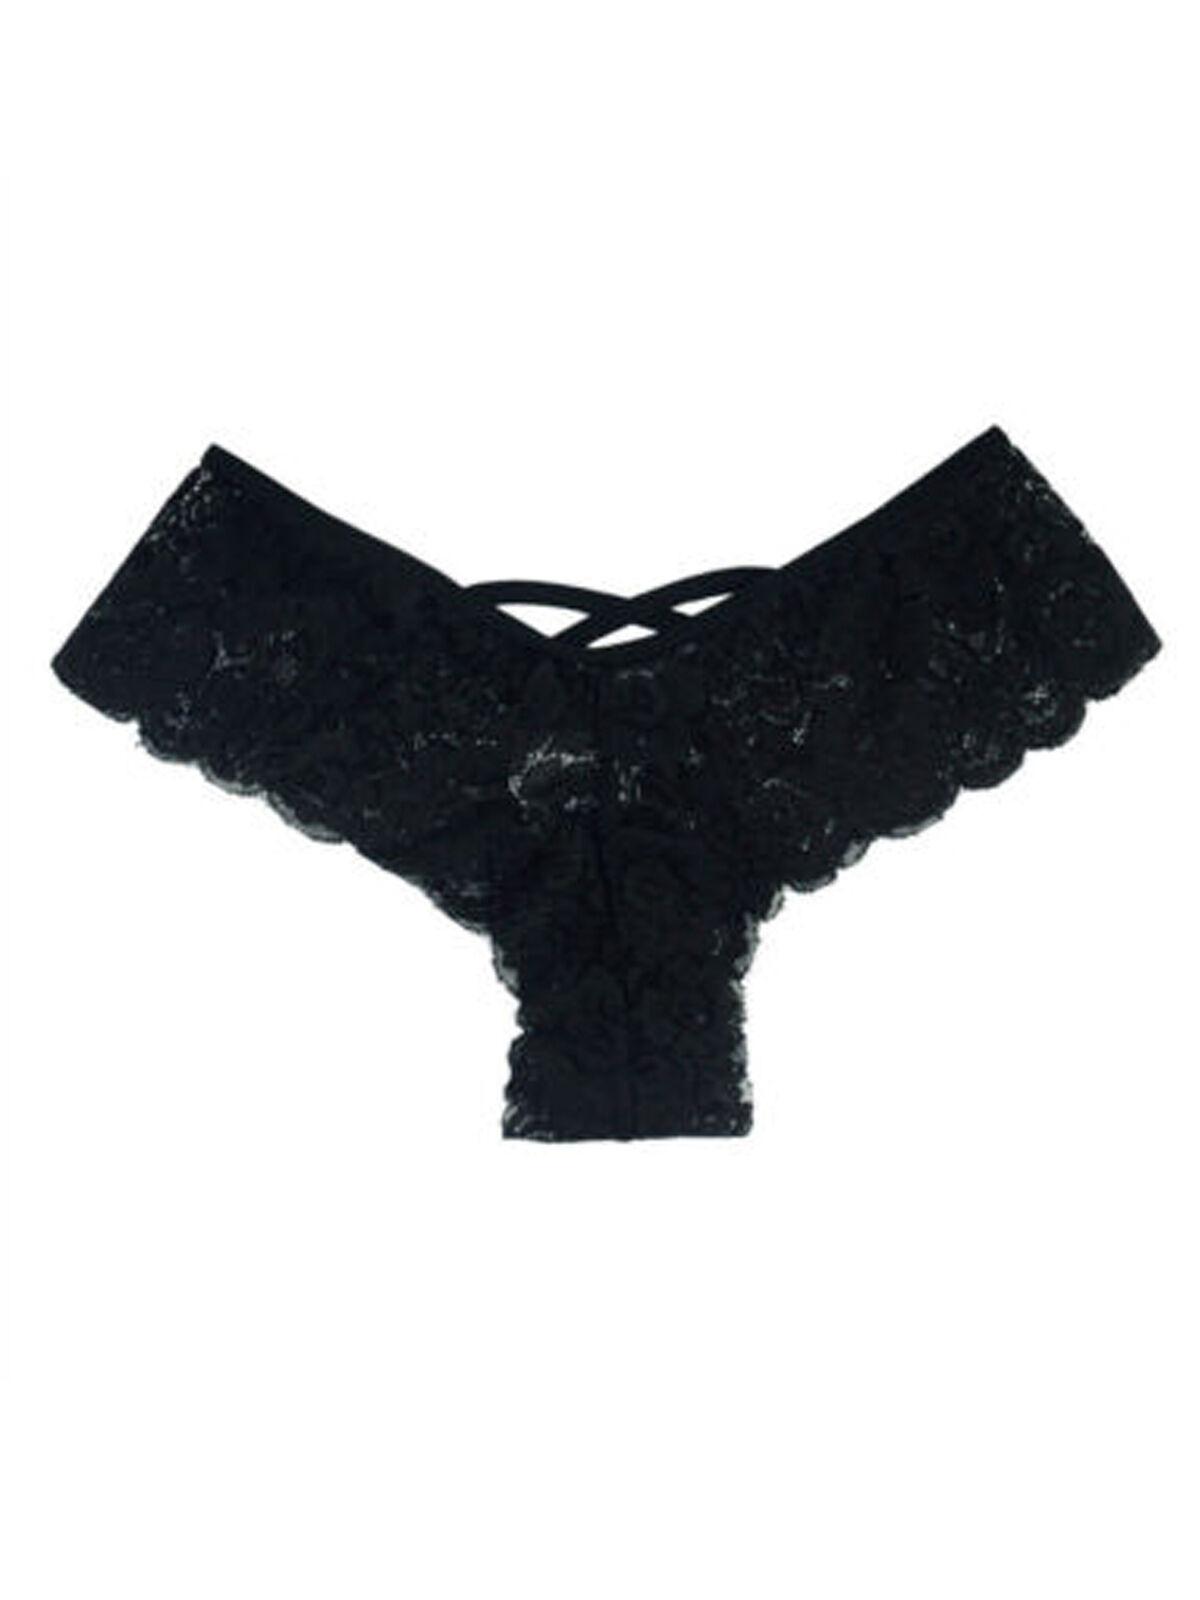 2x Women Ladies Lace Underwear G-string Briefs Panties Thongs Lingerie Knickers